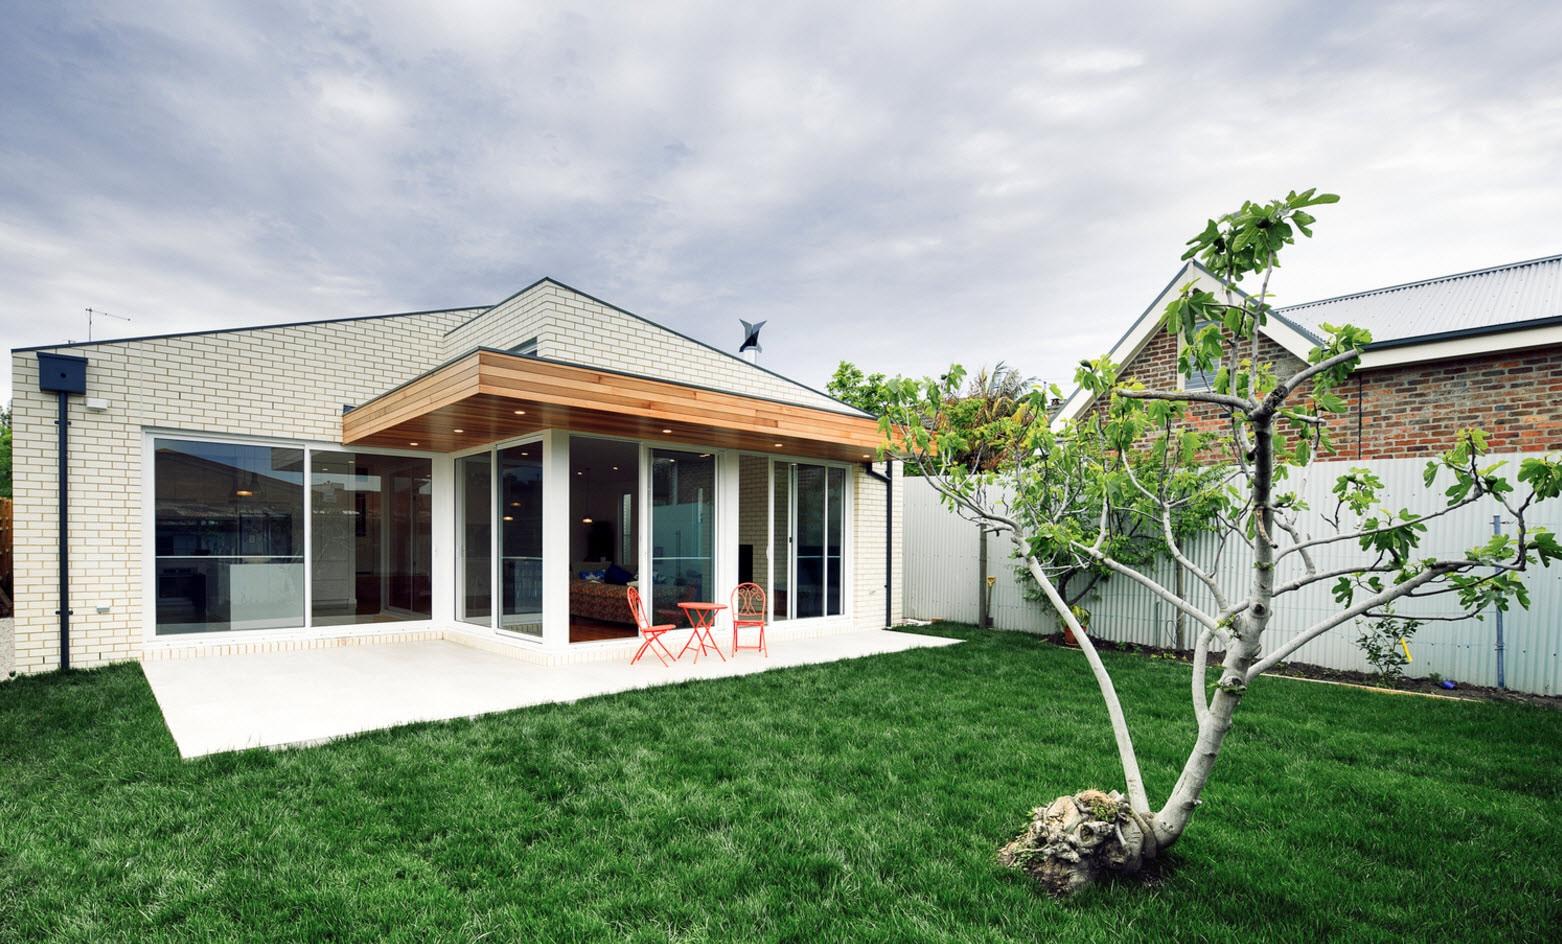 Dise o de casa moderna de un piso planos y fachadas for Fachadas de casas modernas 1 piso